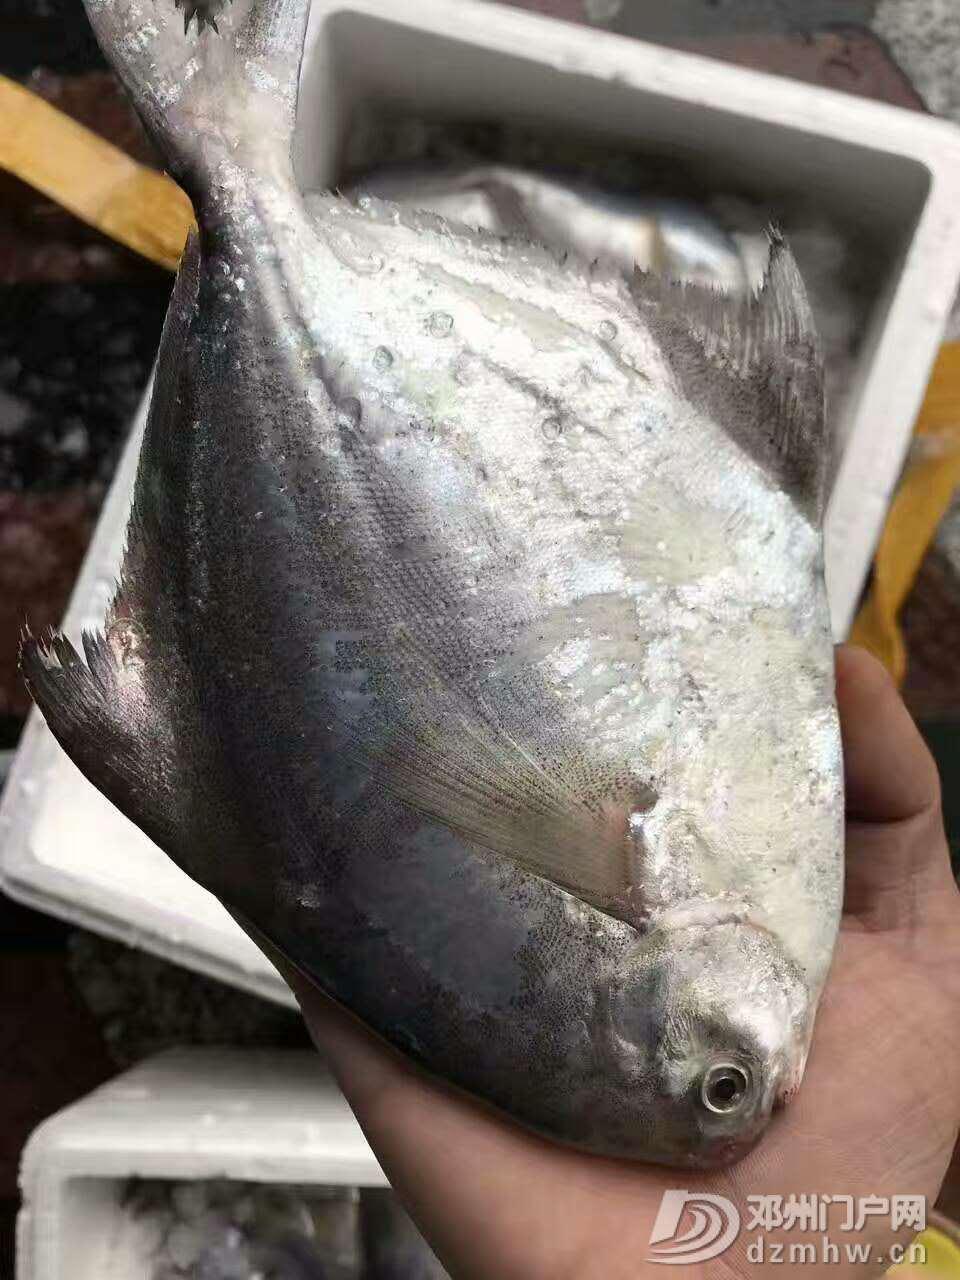 出售野生海鲜,各种天然鱼虾蟹都有 - 邓州门户网|邓州网 - 微信图片_20170618223917.jpg